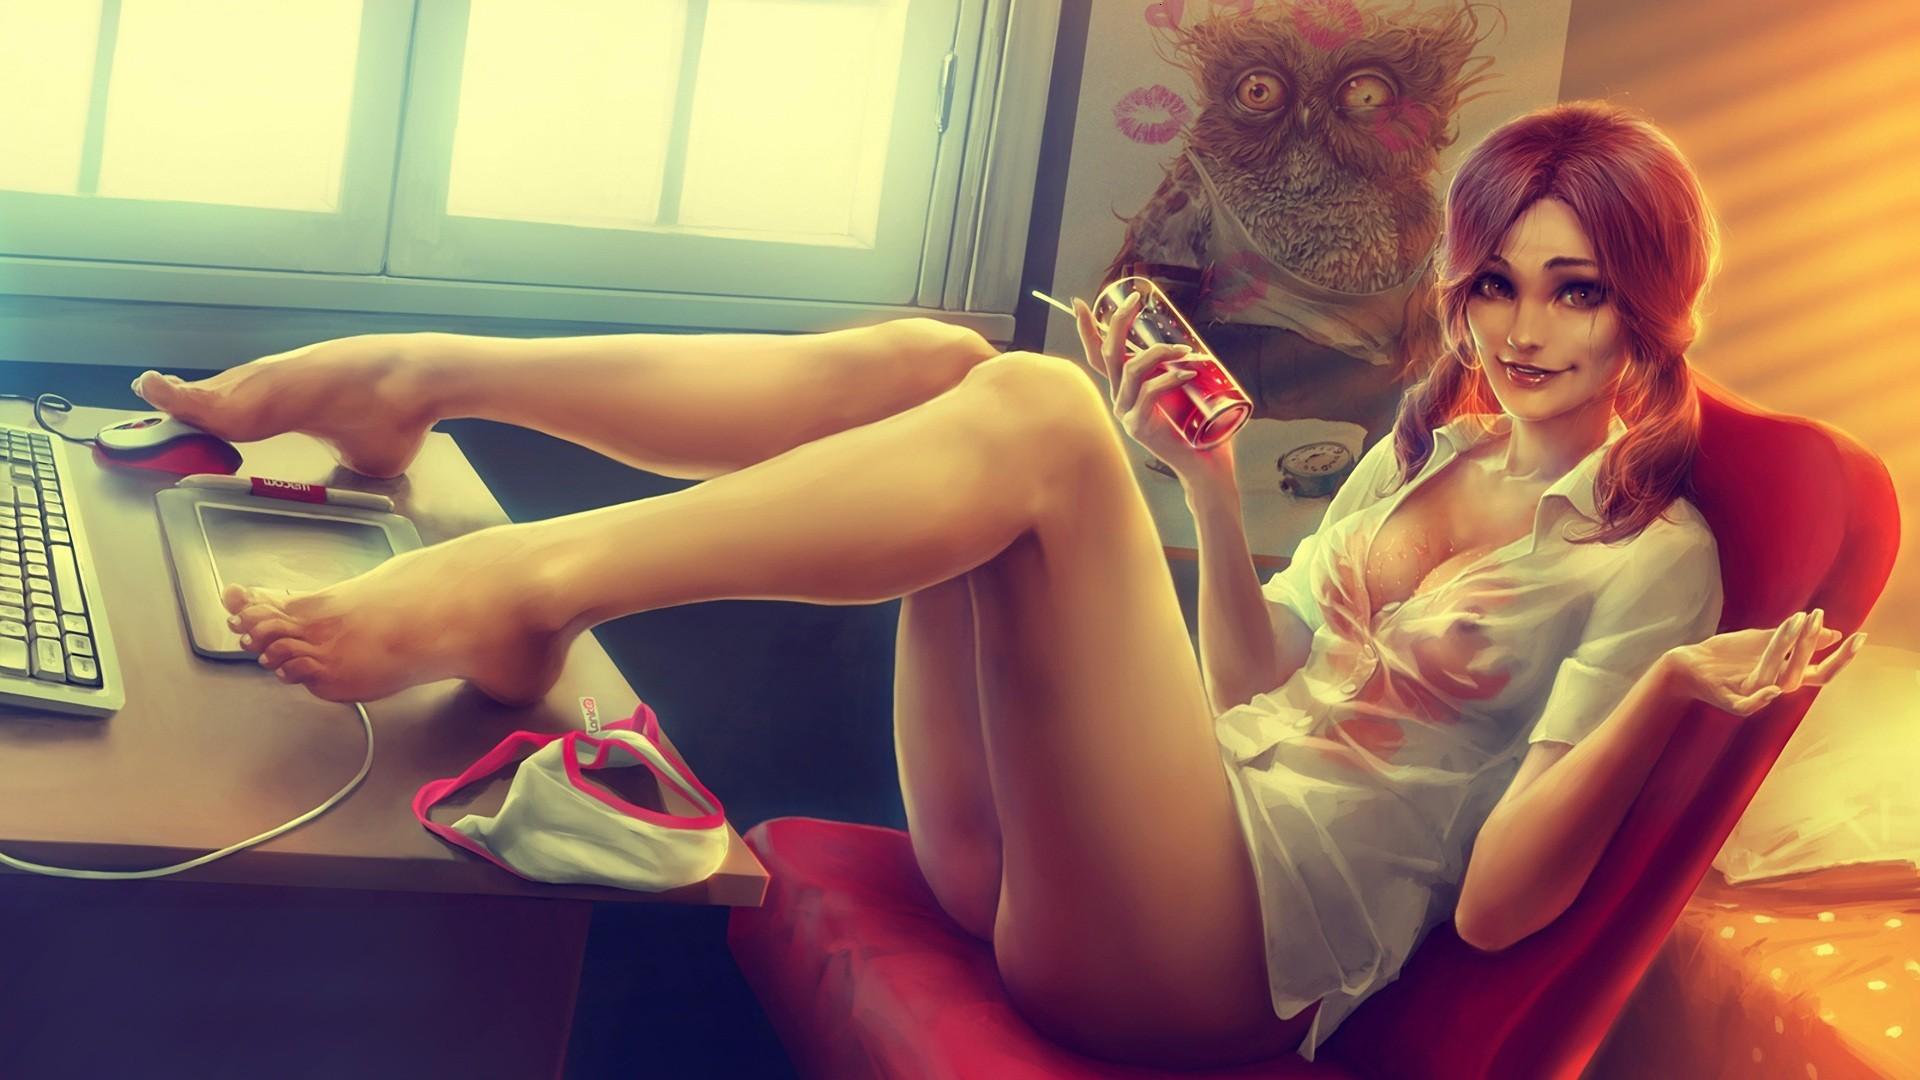 Girls from i love money naked, hairy wet virgin teen panties